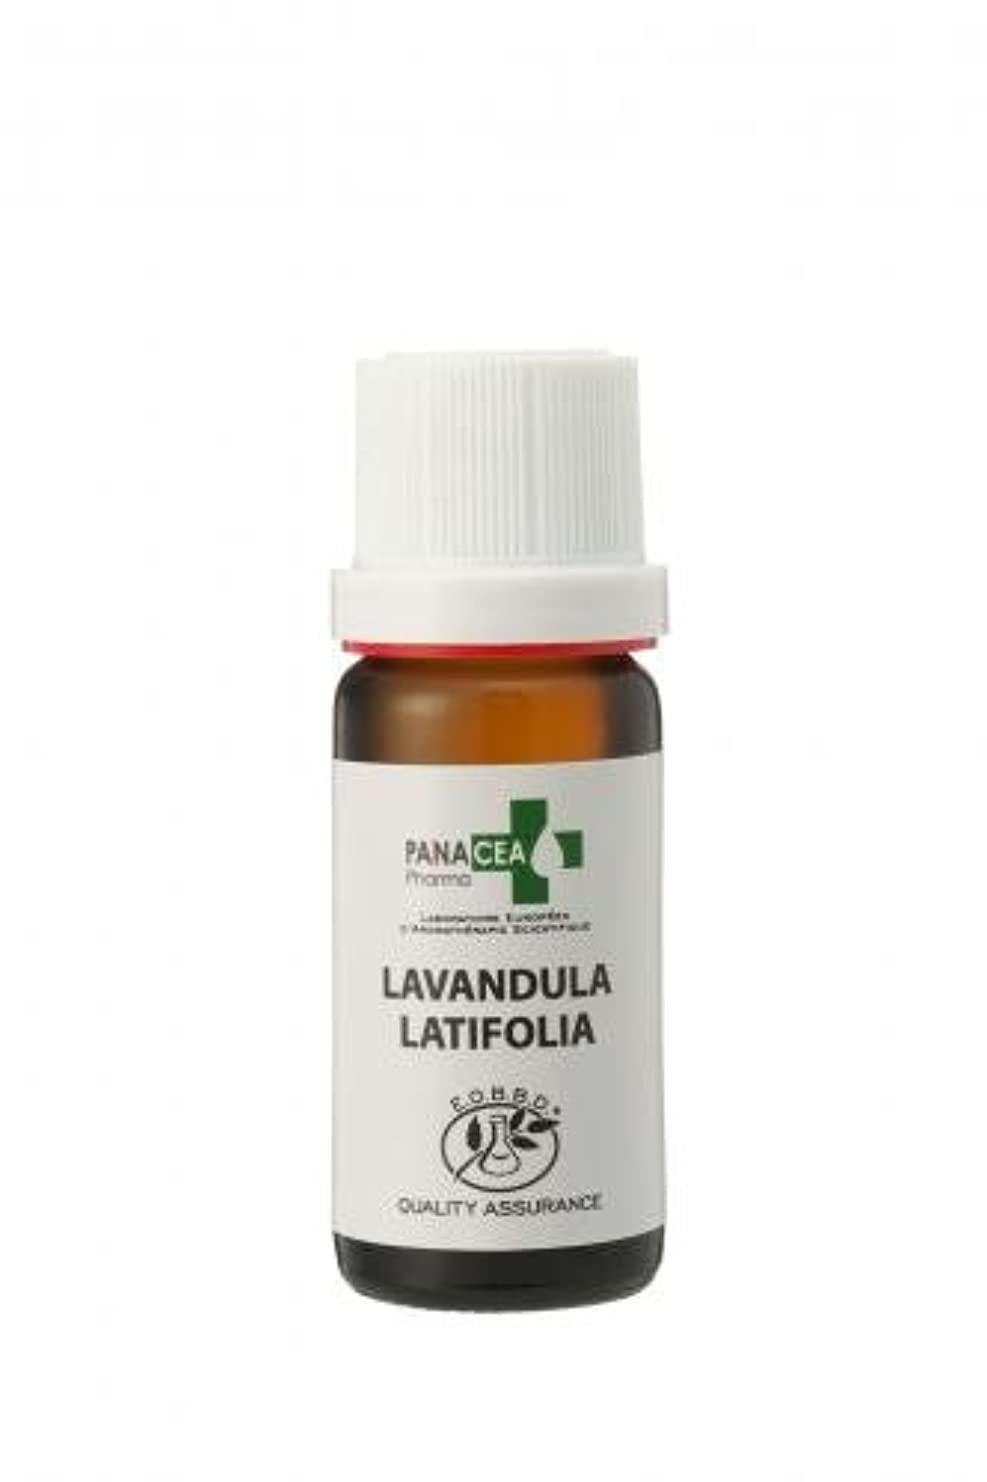 統合風景論理的にラベンダー スピカ (Lavandula latifolia) <spica>10ml エッセンシャルオイル PANACEA PHARMA パナセア ファルマ